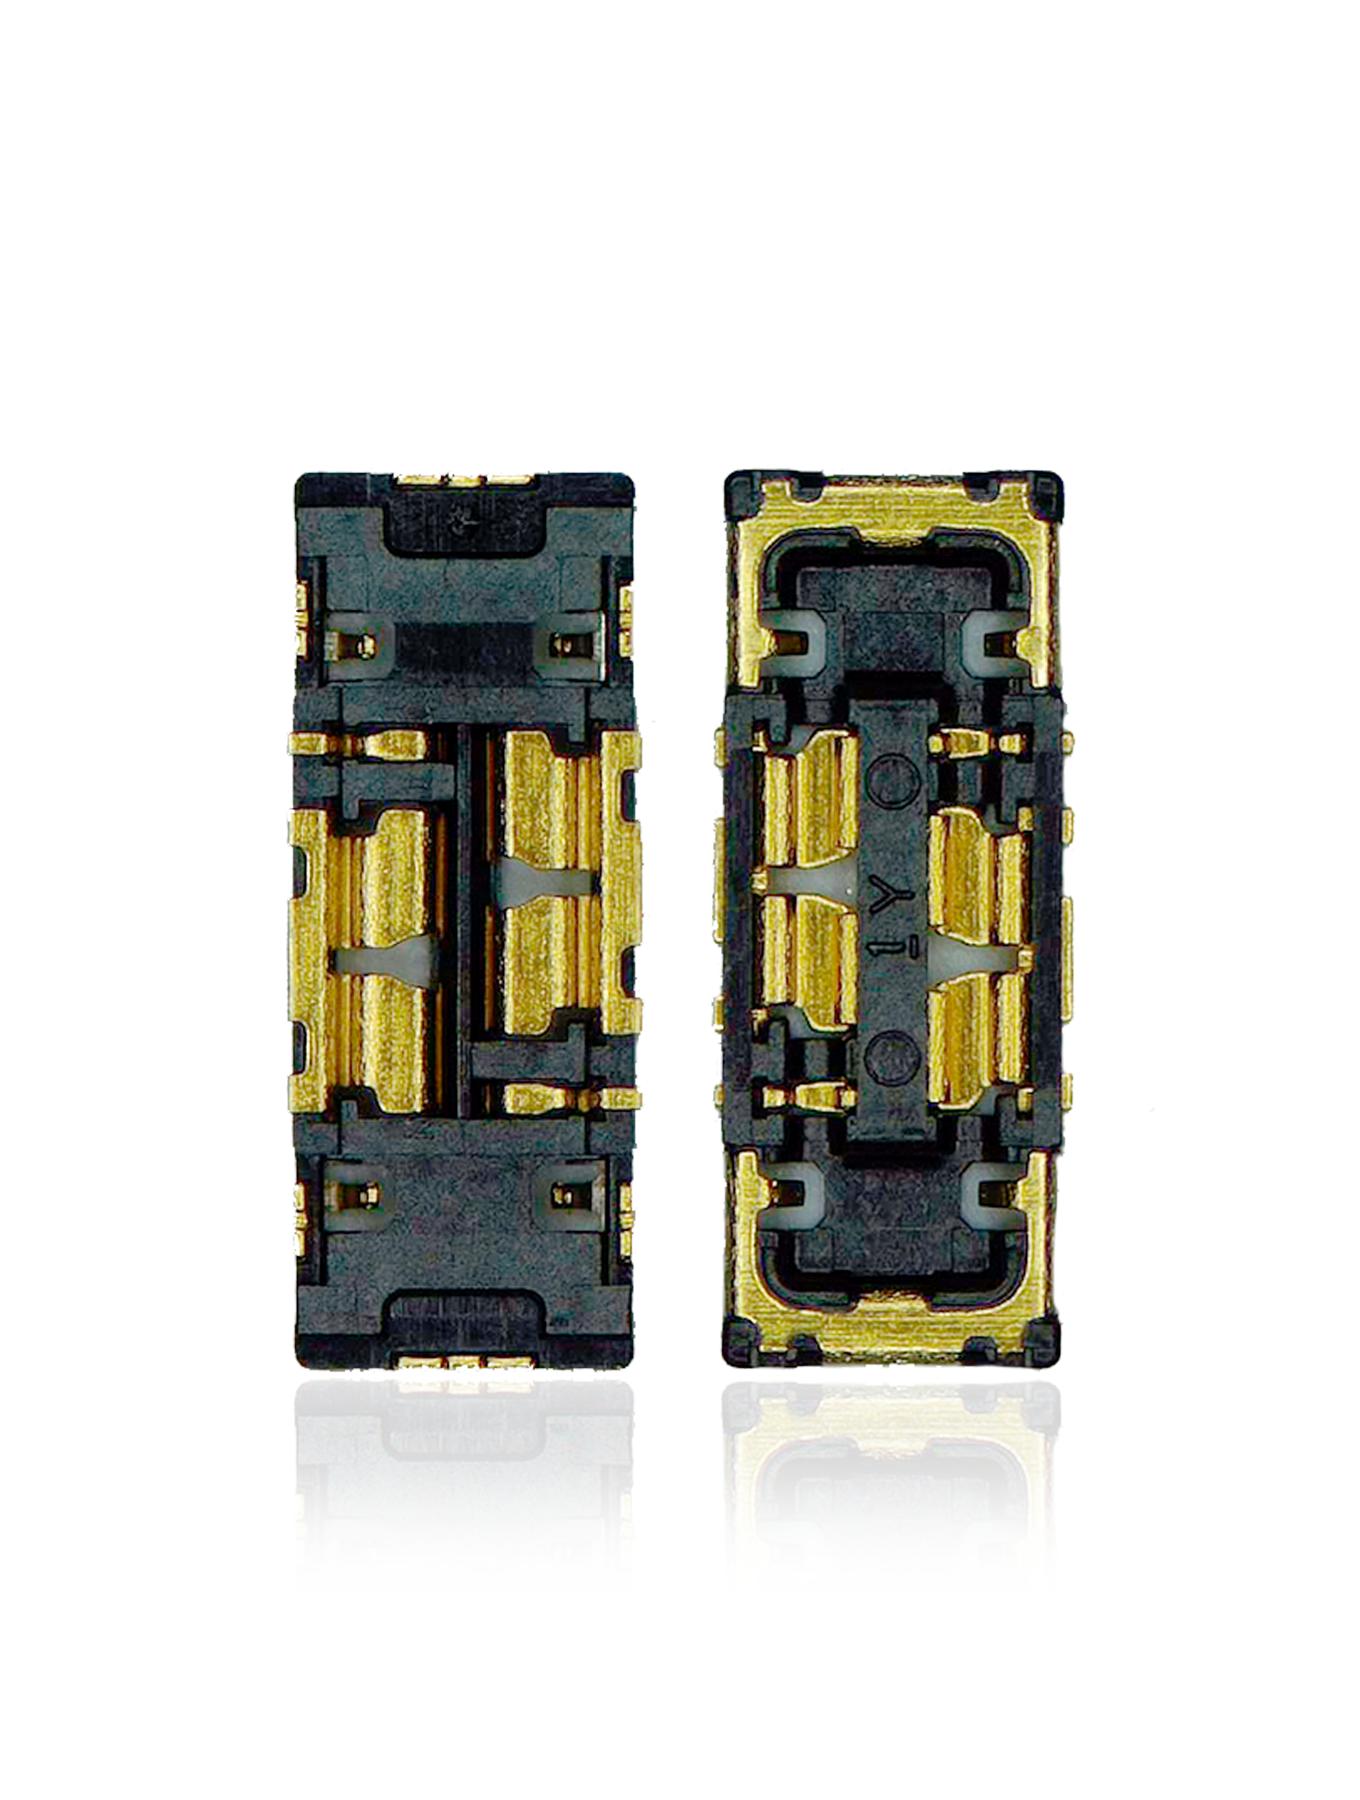 iPhone SE (2020) Achterkant met grote camera gat & met camera lens voor Apple iPhone SE (2020) – Rood